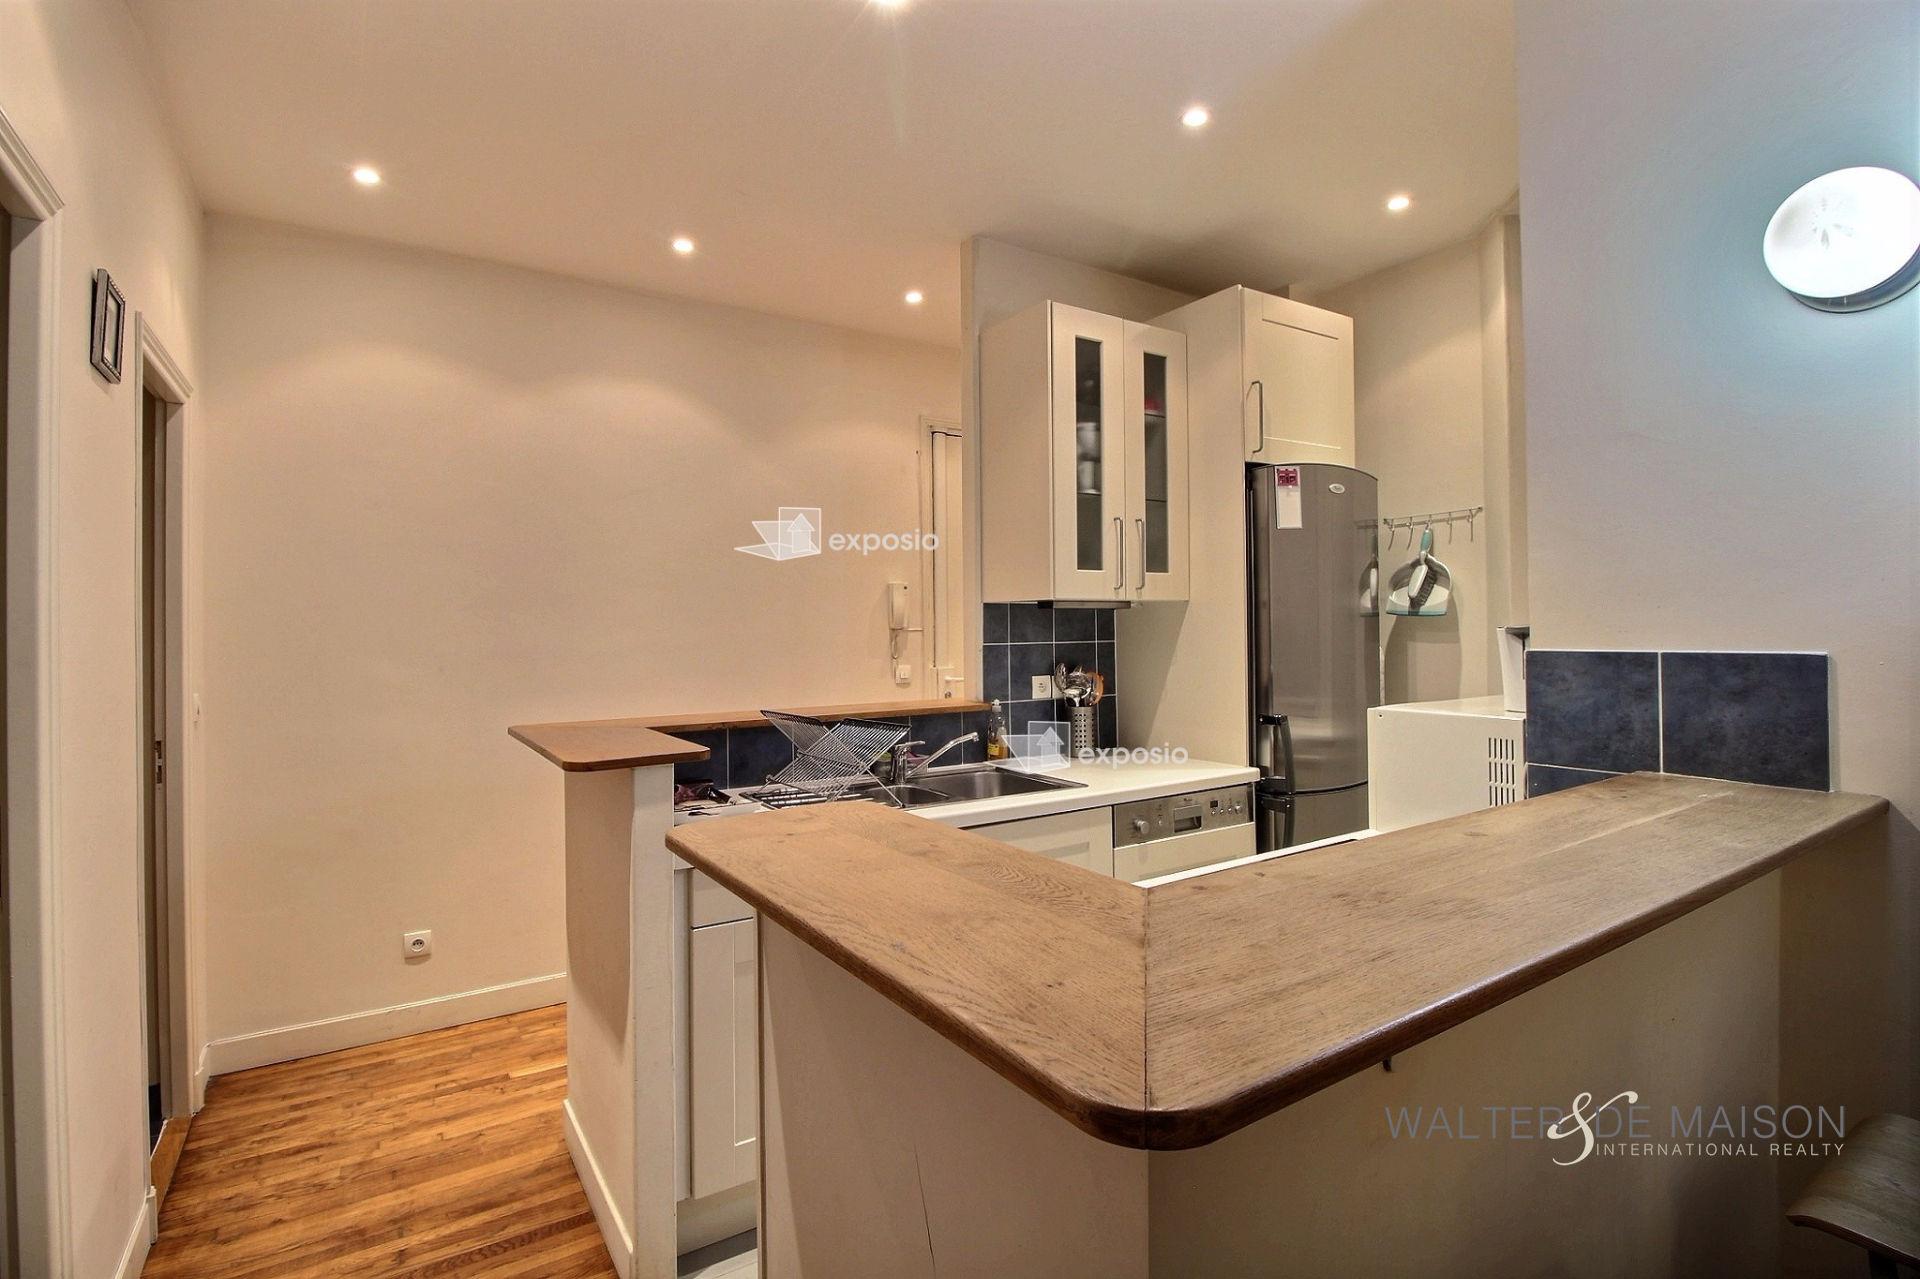 Appartement 2 pièce(s) 40 m²                         75016 PARIS